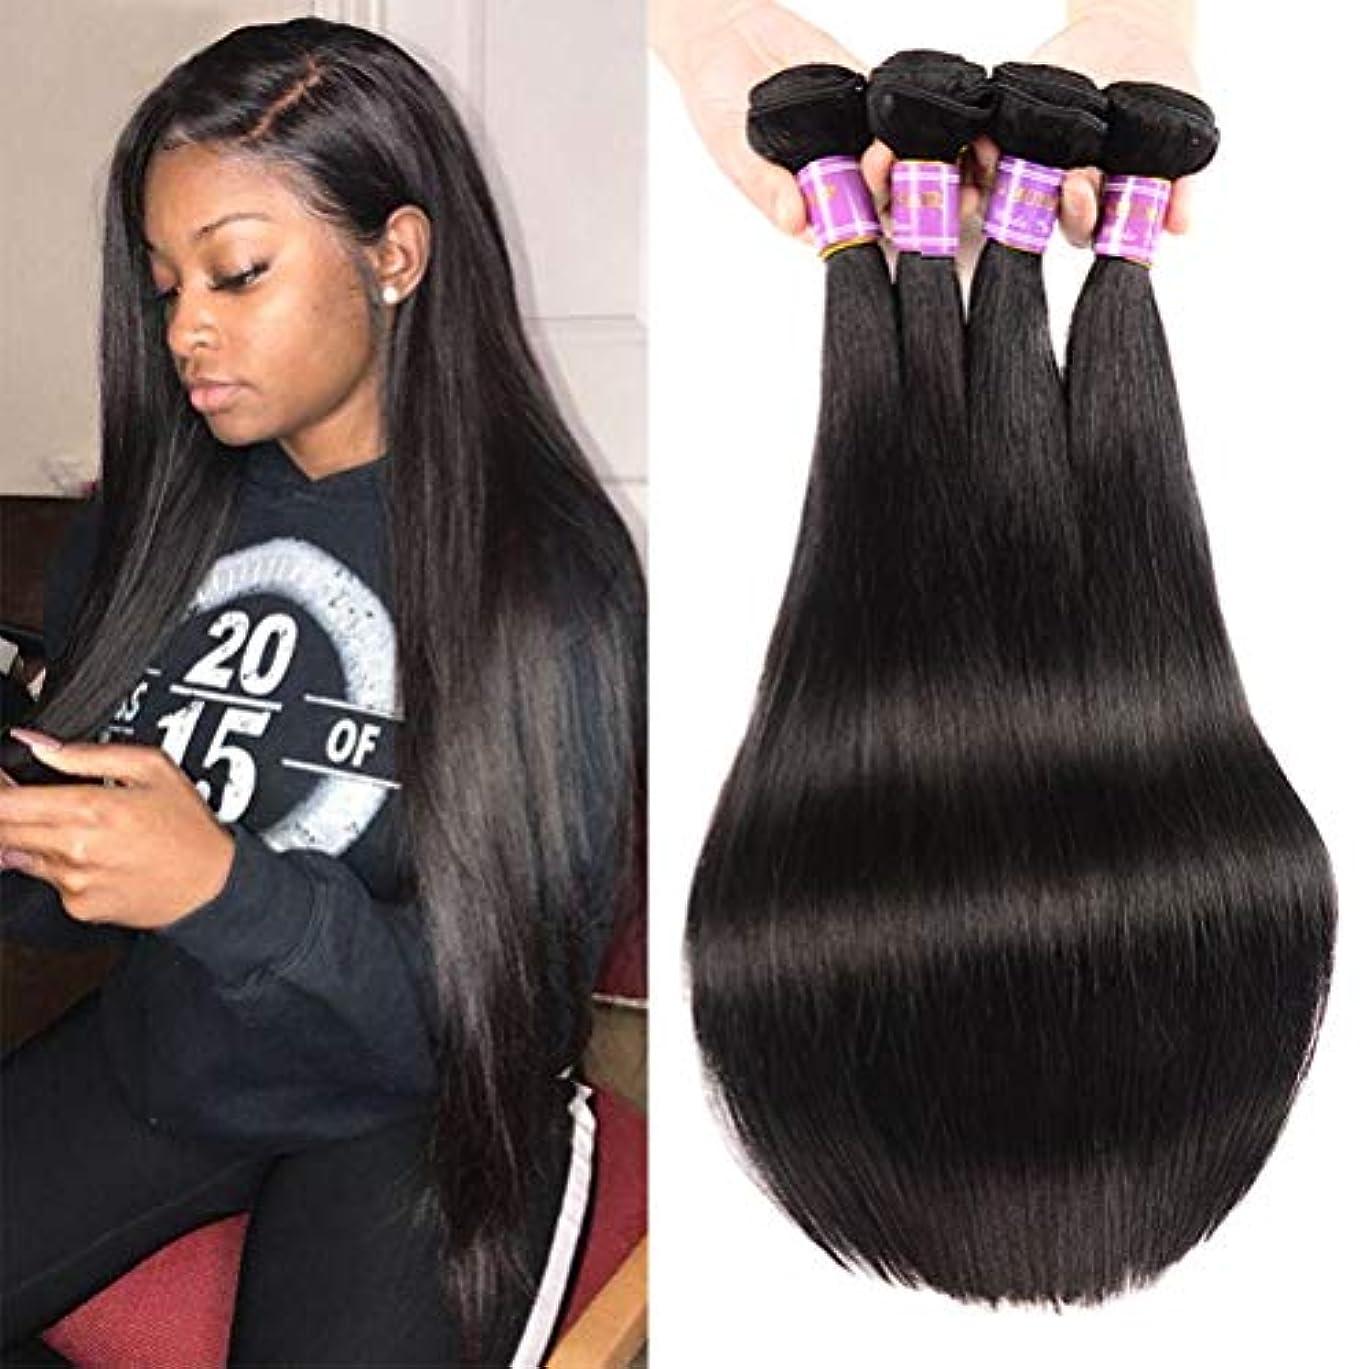 話をする文字臨検女性髪の毛編むブラジルの髪バンドルで閉鎖ストレートフリーパーツ未処理のブラジルのストレートヘアバンドル8Aストレート人間の髪バンドル